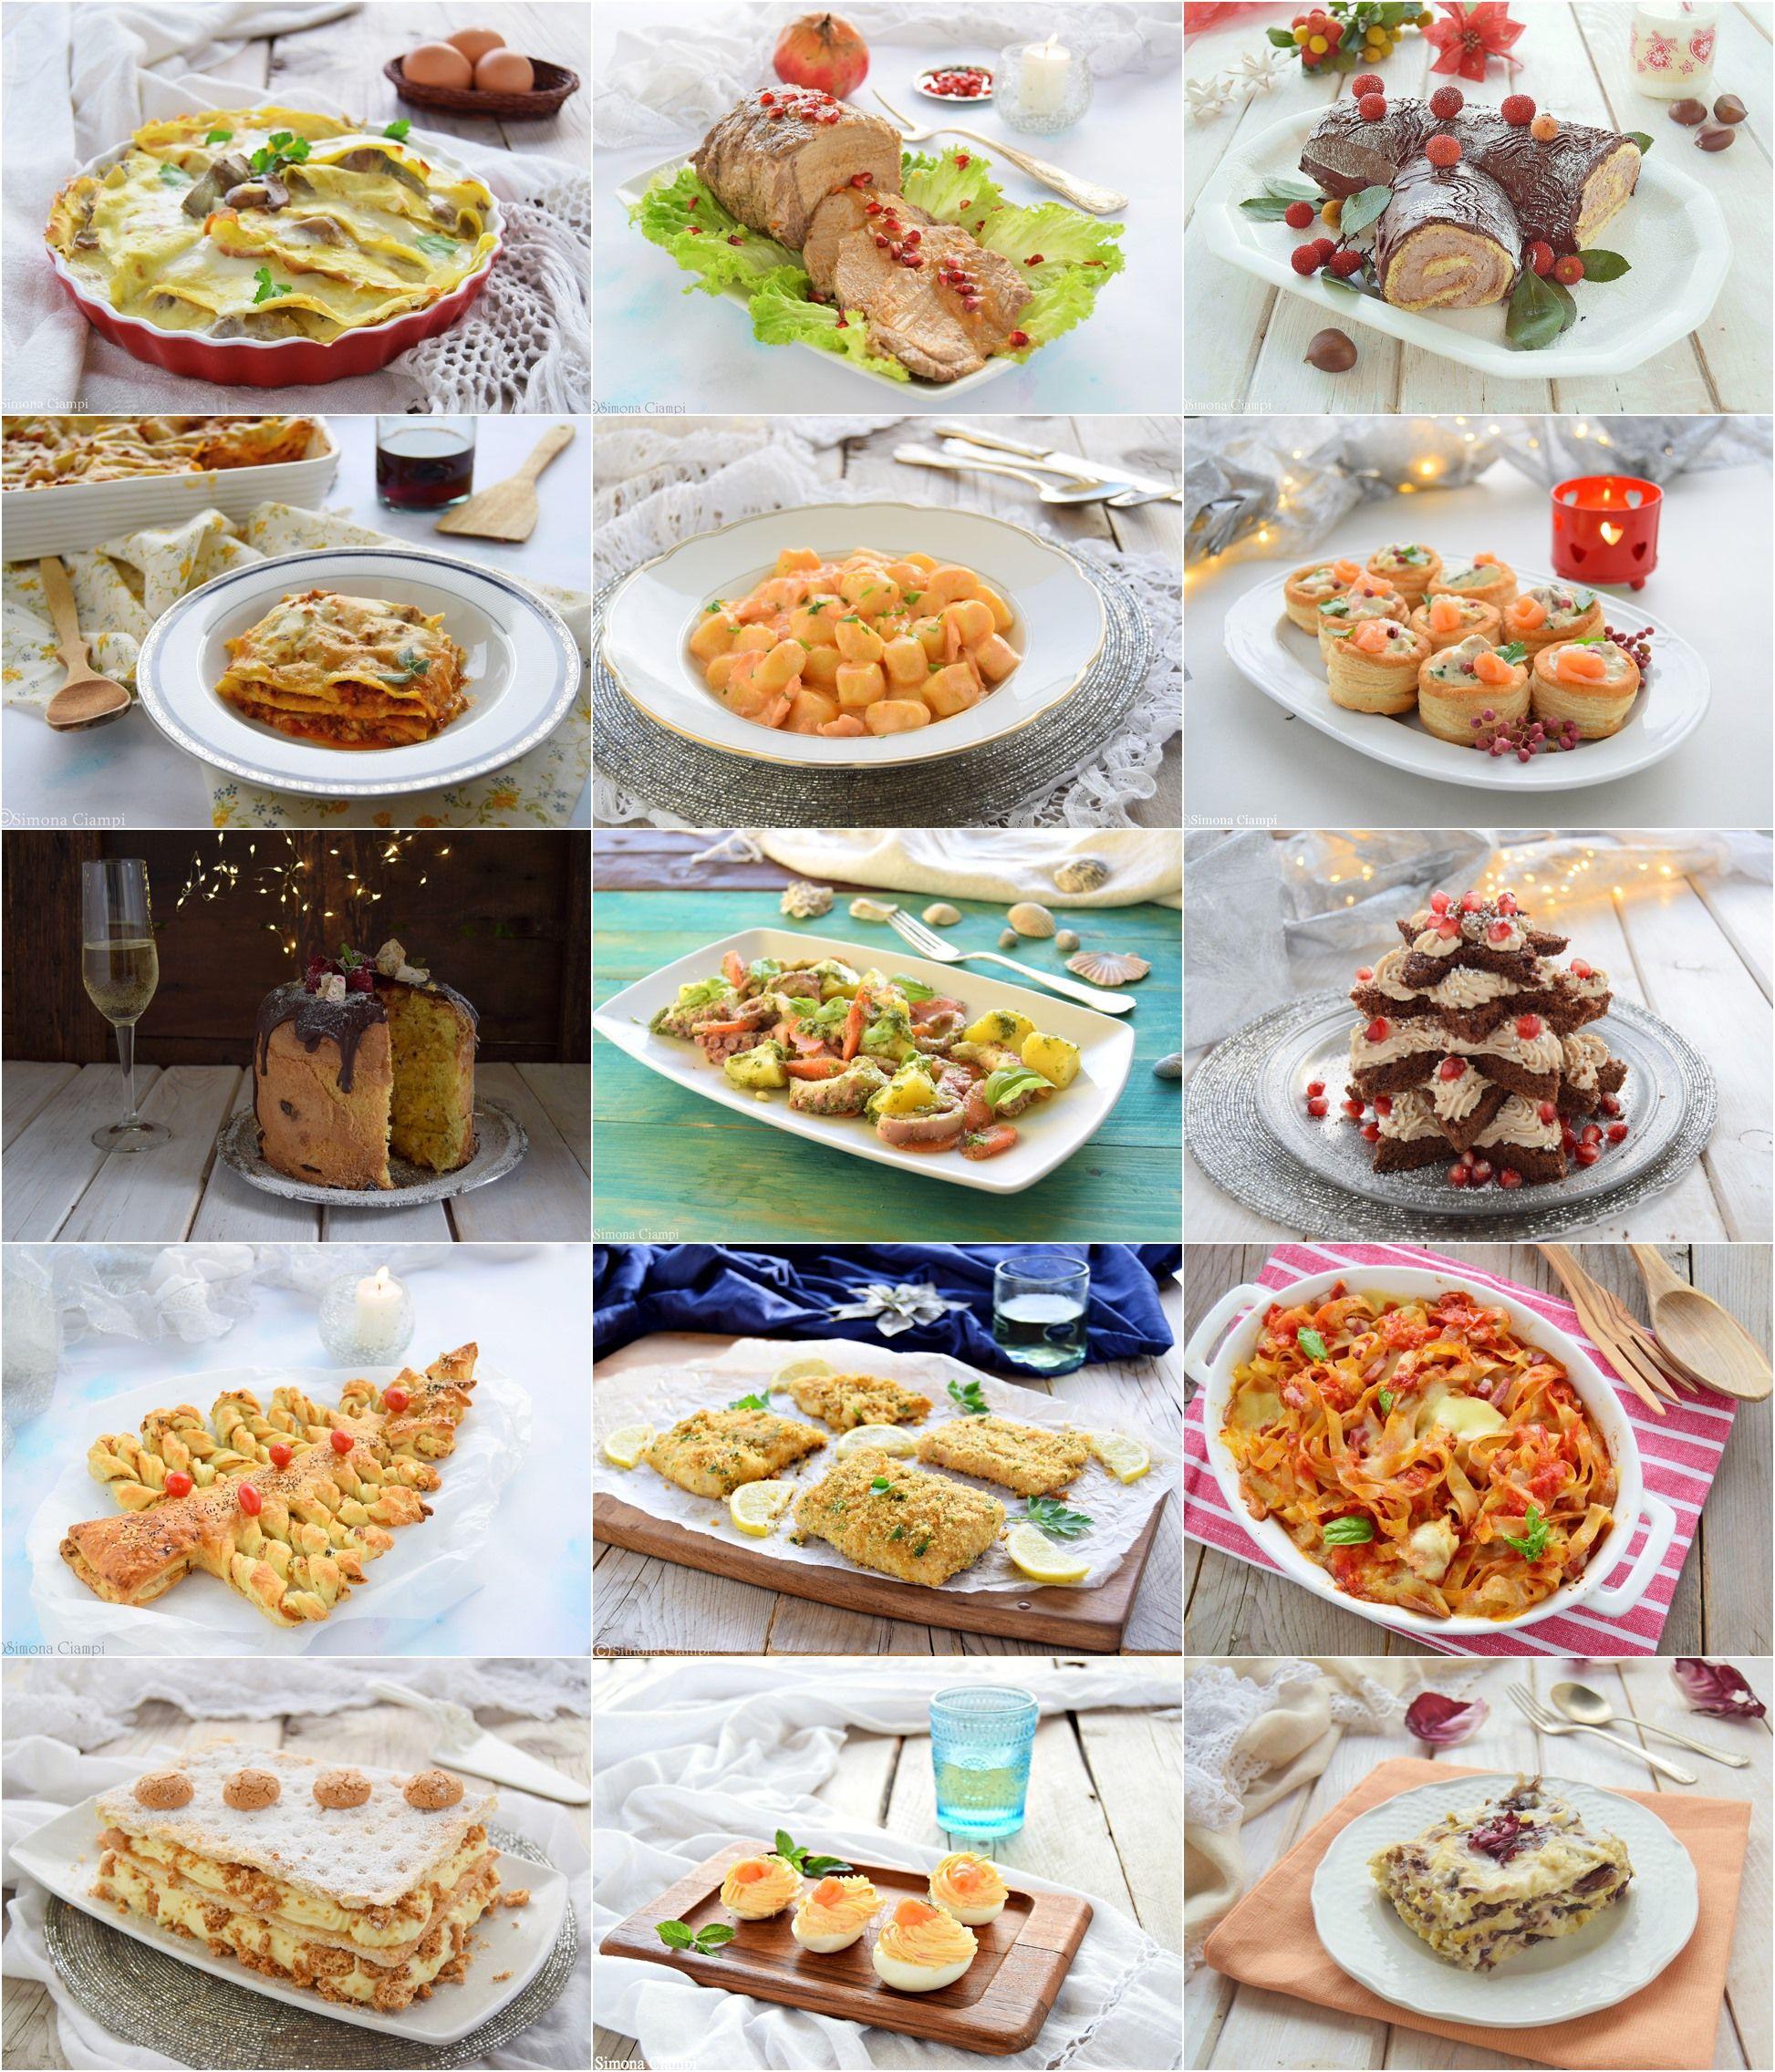 Antipasti Di Natale La Cucina Italiana.Menu Di Natale Dall Antipasto Al Dolce Gastronomia Italiana